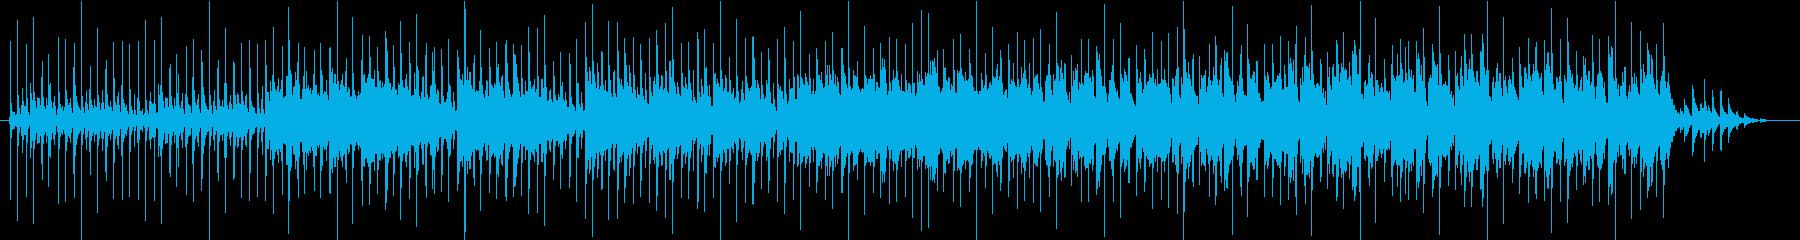 コミカルなリズムとシリアスなサウンドの再生済みの波形